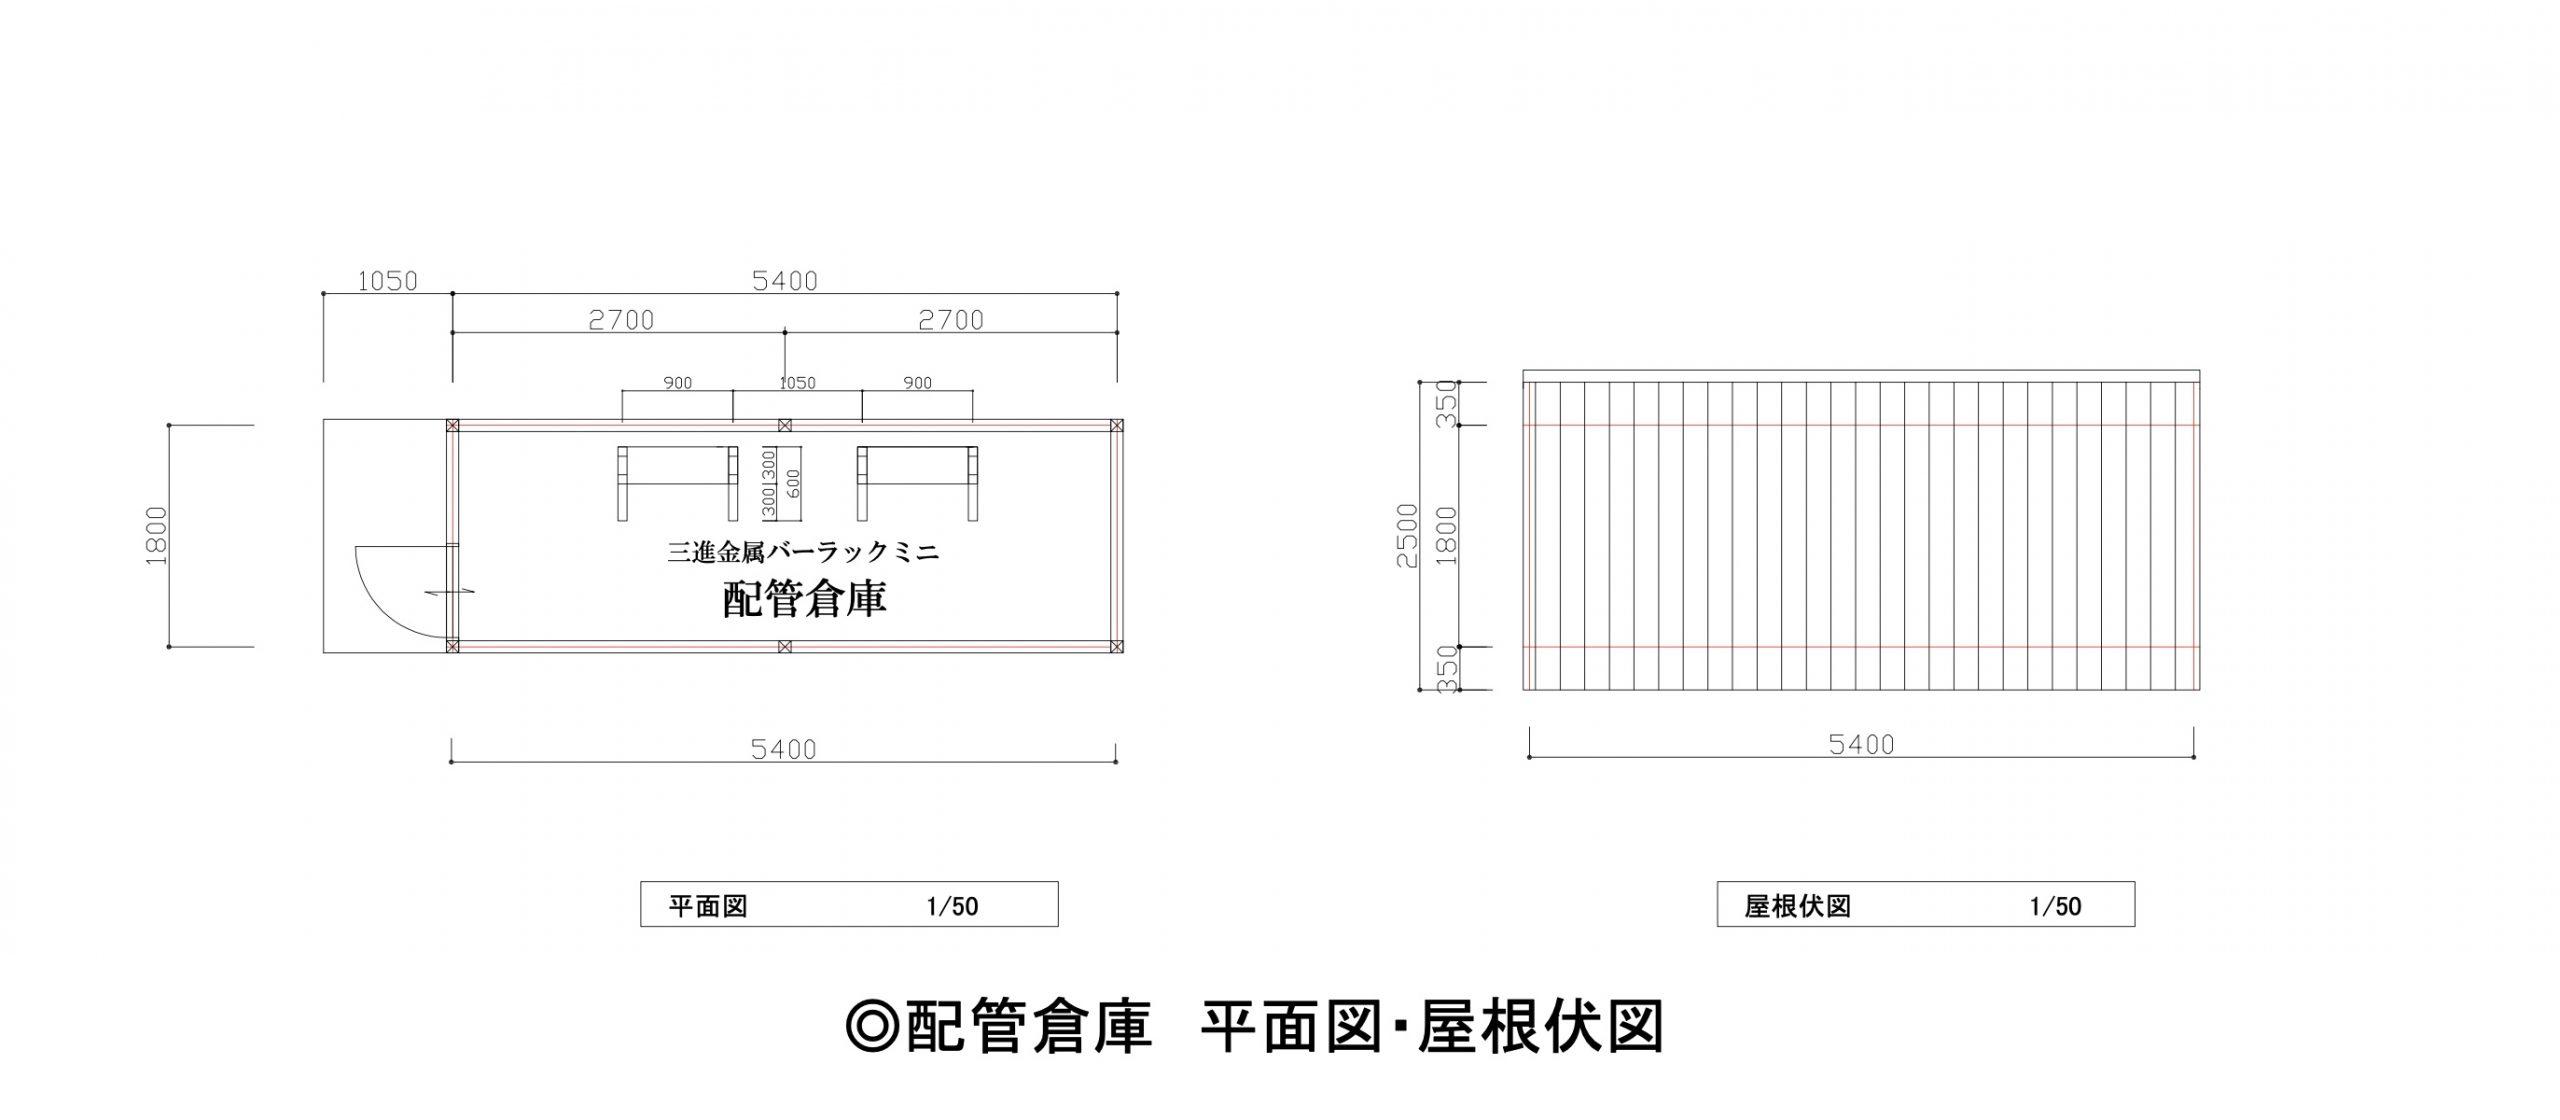 配管倉庫 平面図・屋根伏せ図